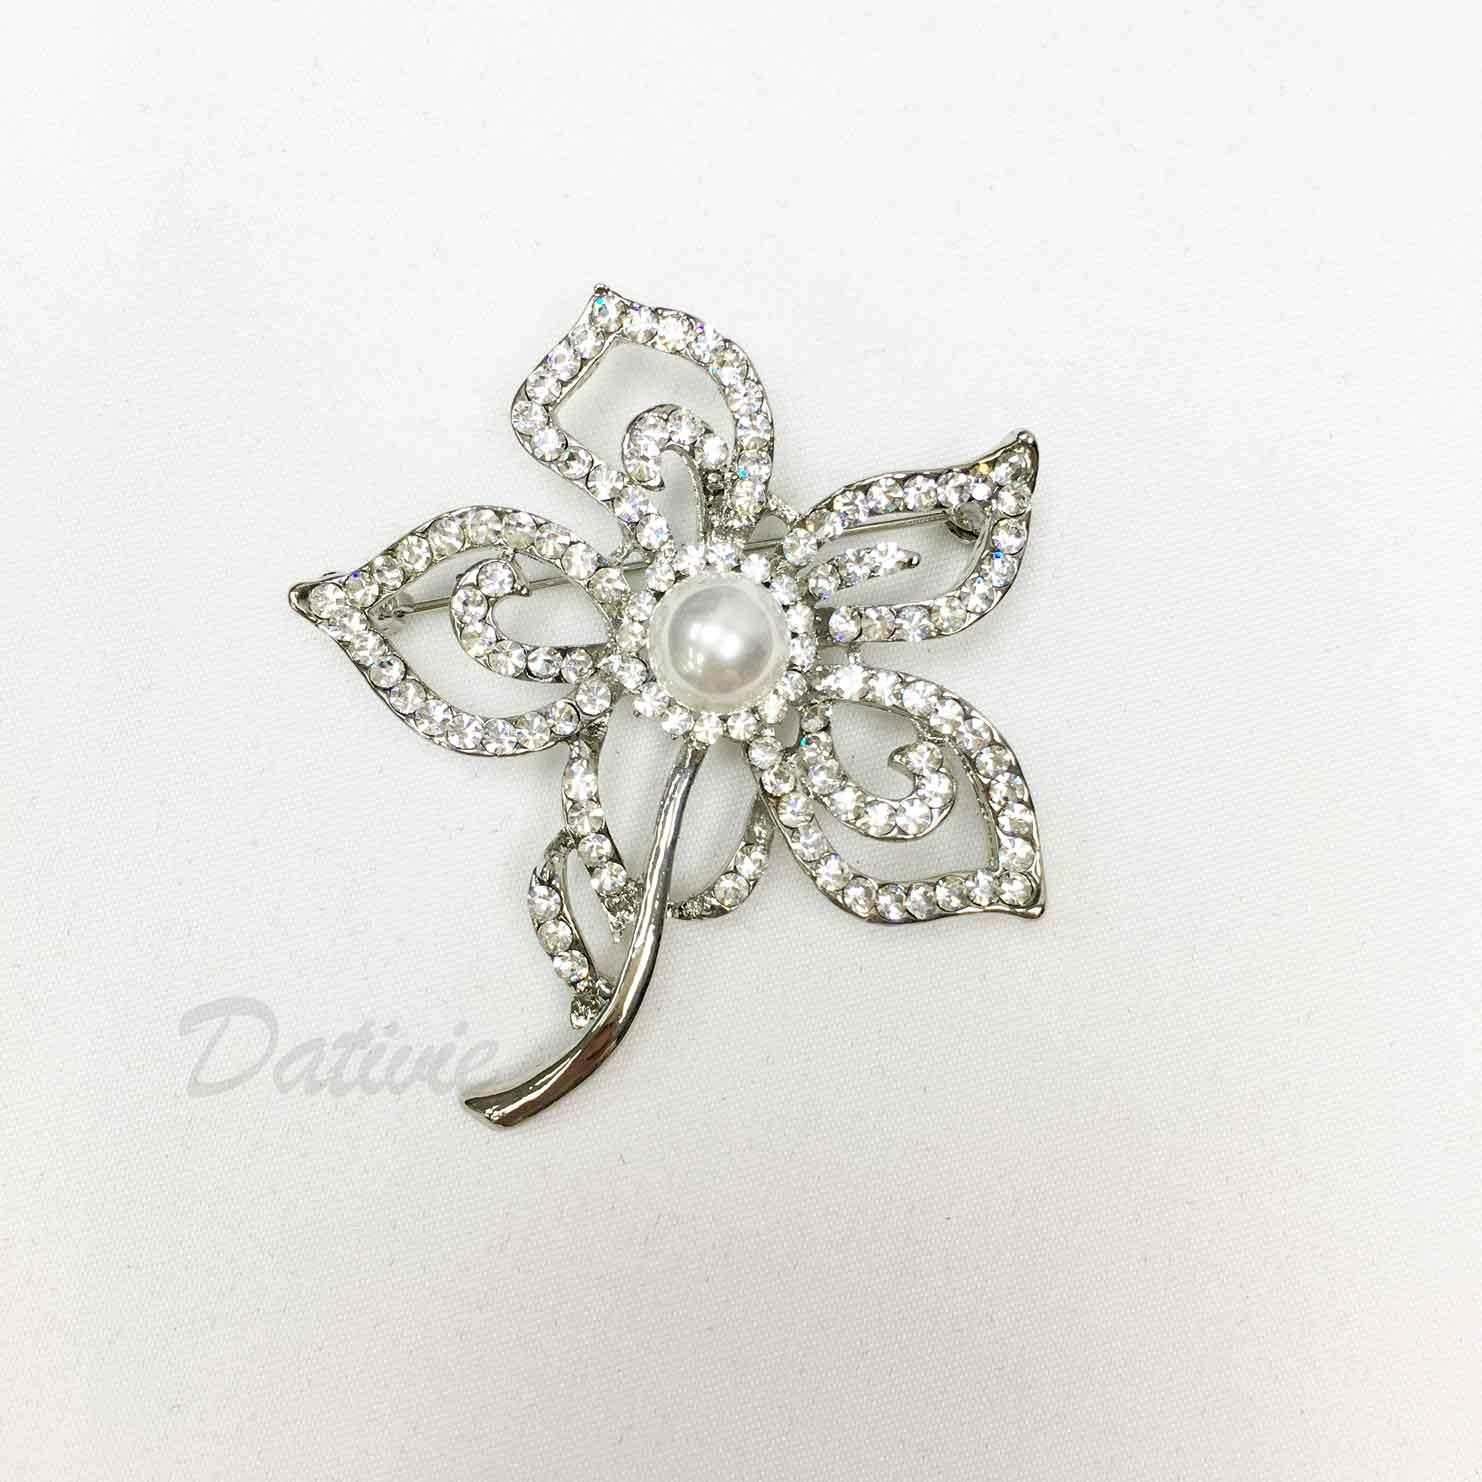 簍空 一枝花朵 珍珠 水鑽 白鑽 單個 胸針